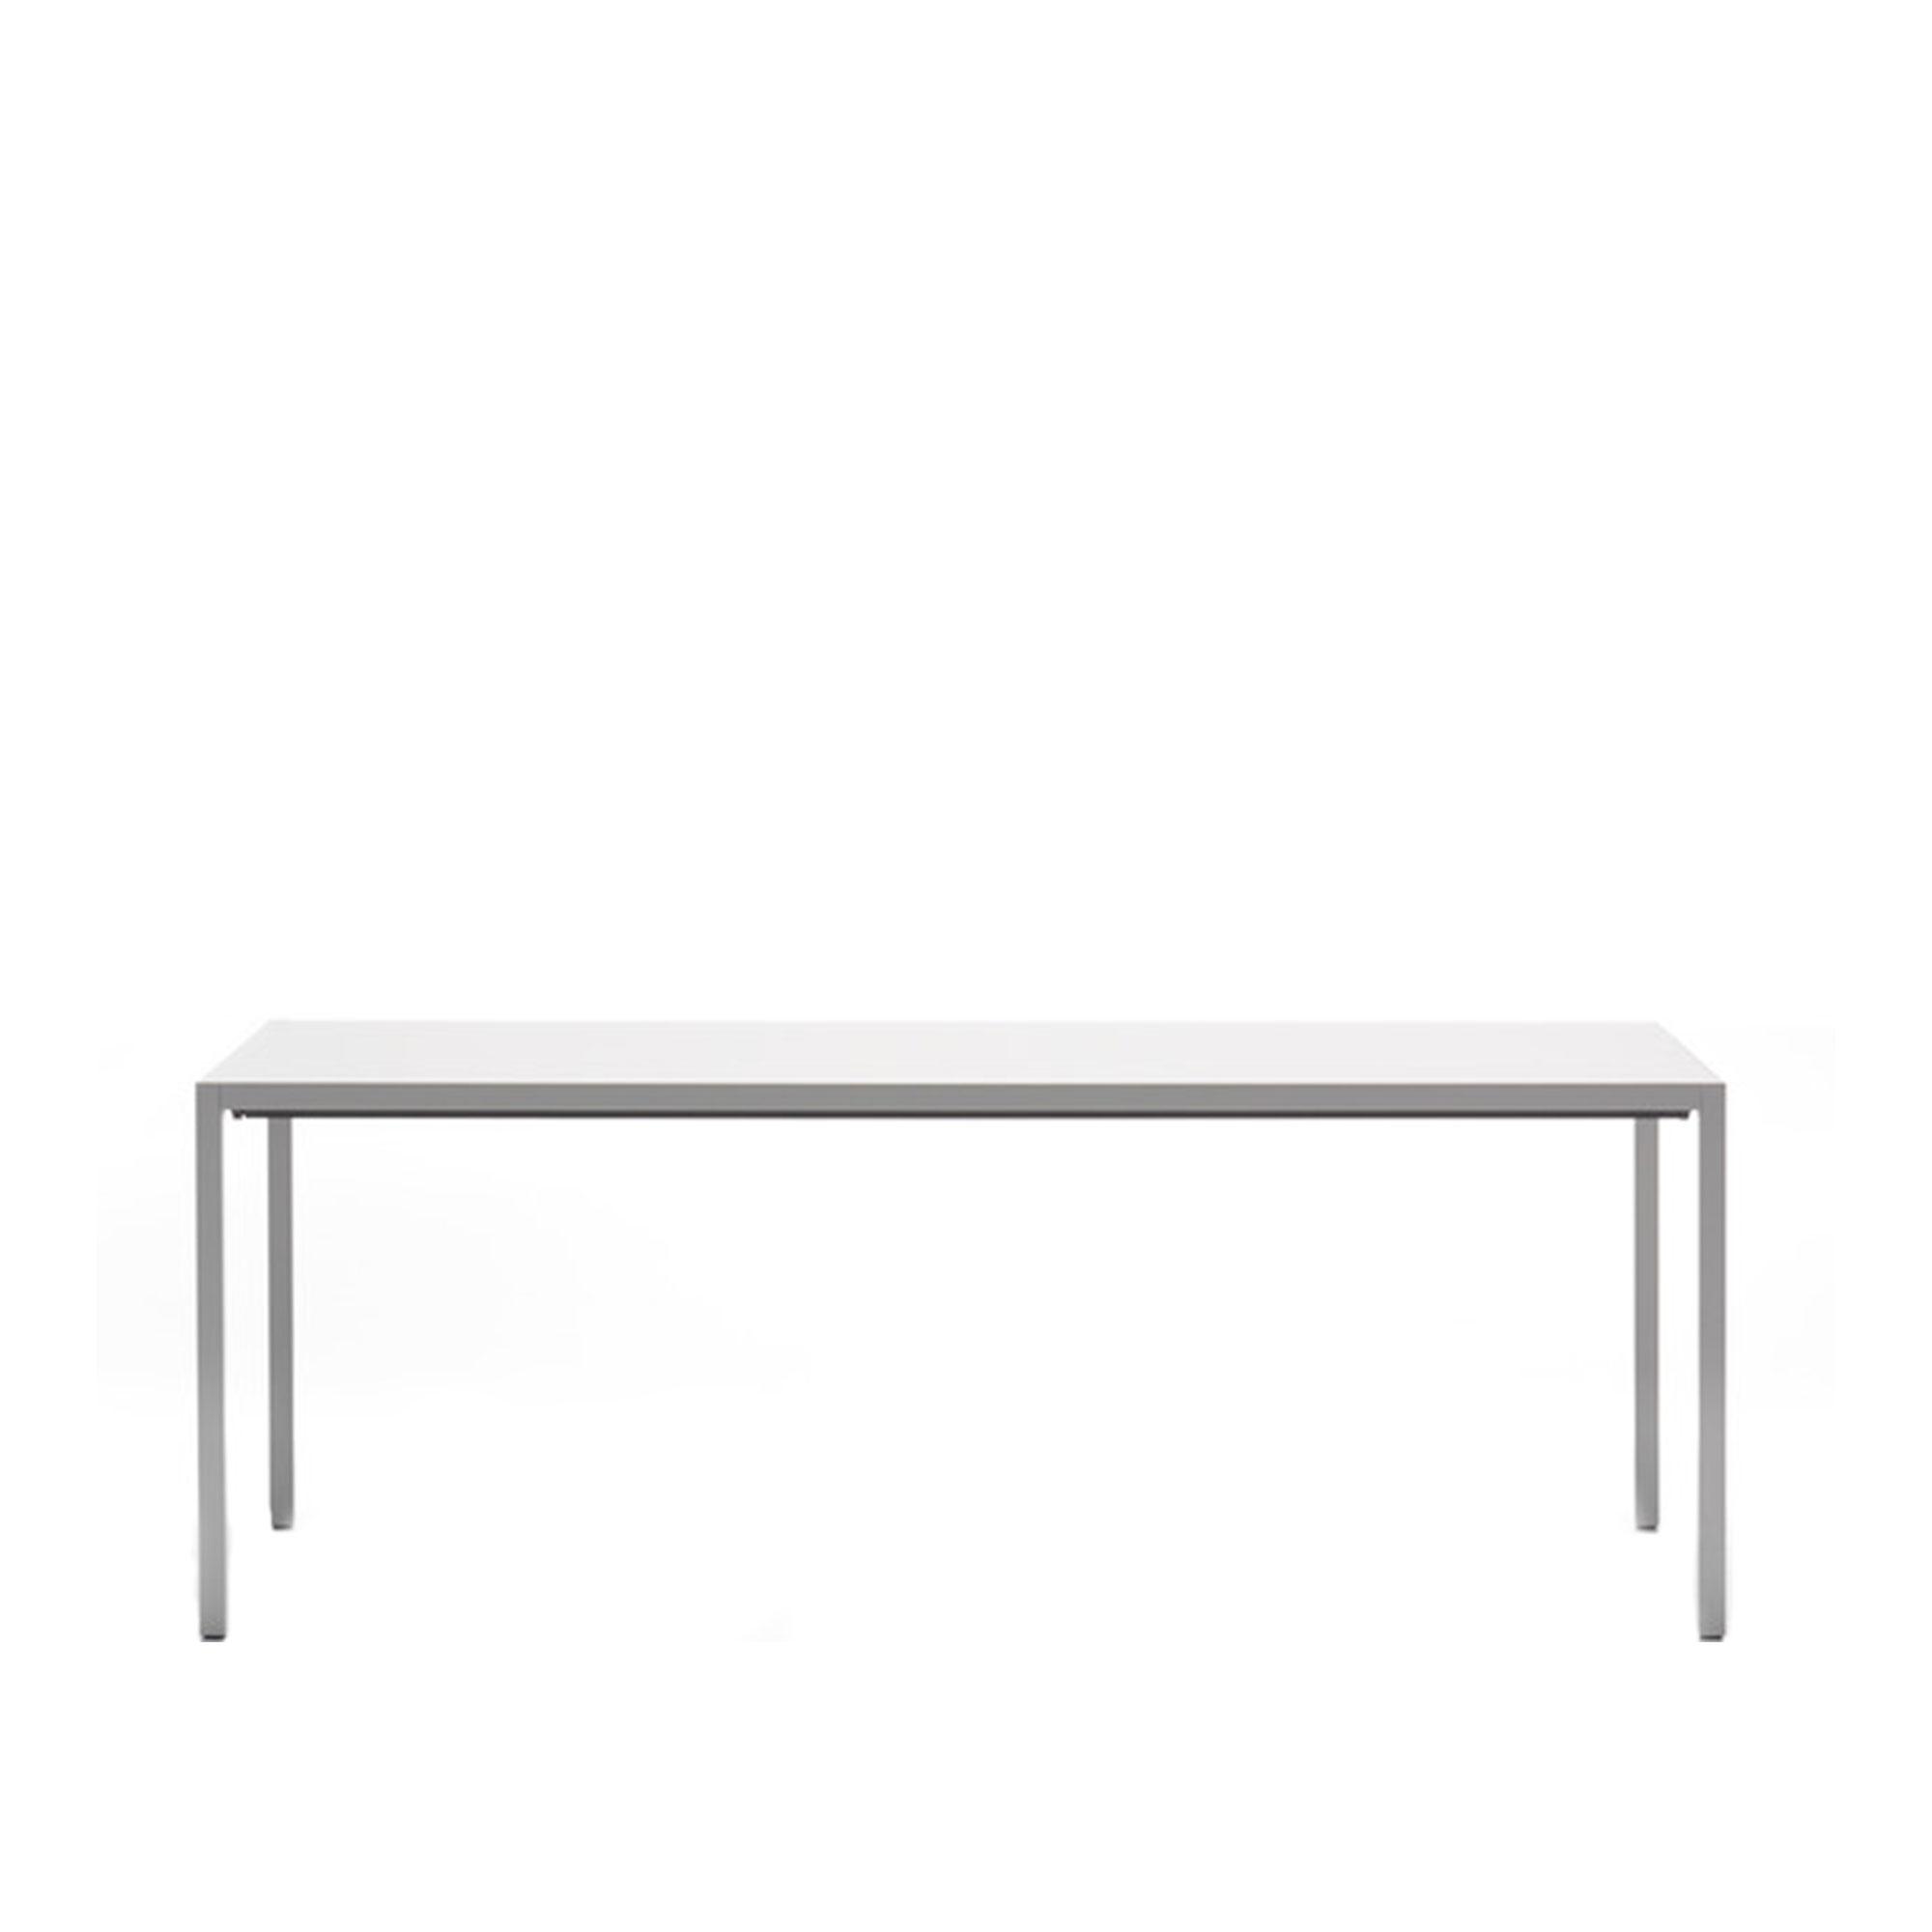 a9aaa182f9ed Köp Extension Table från MDF Italia | Nordiska Galleriet